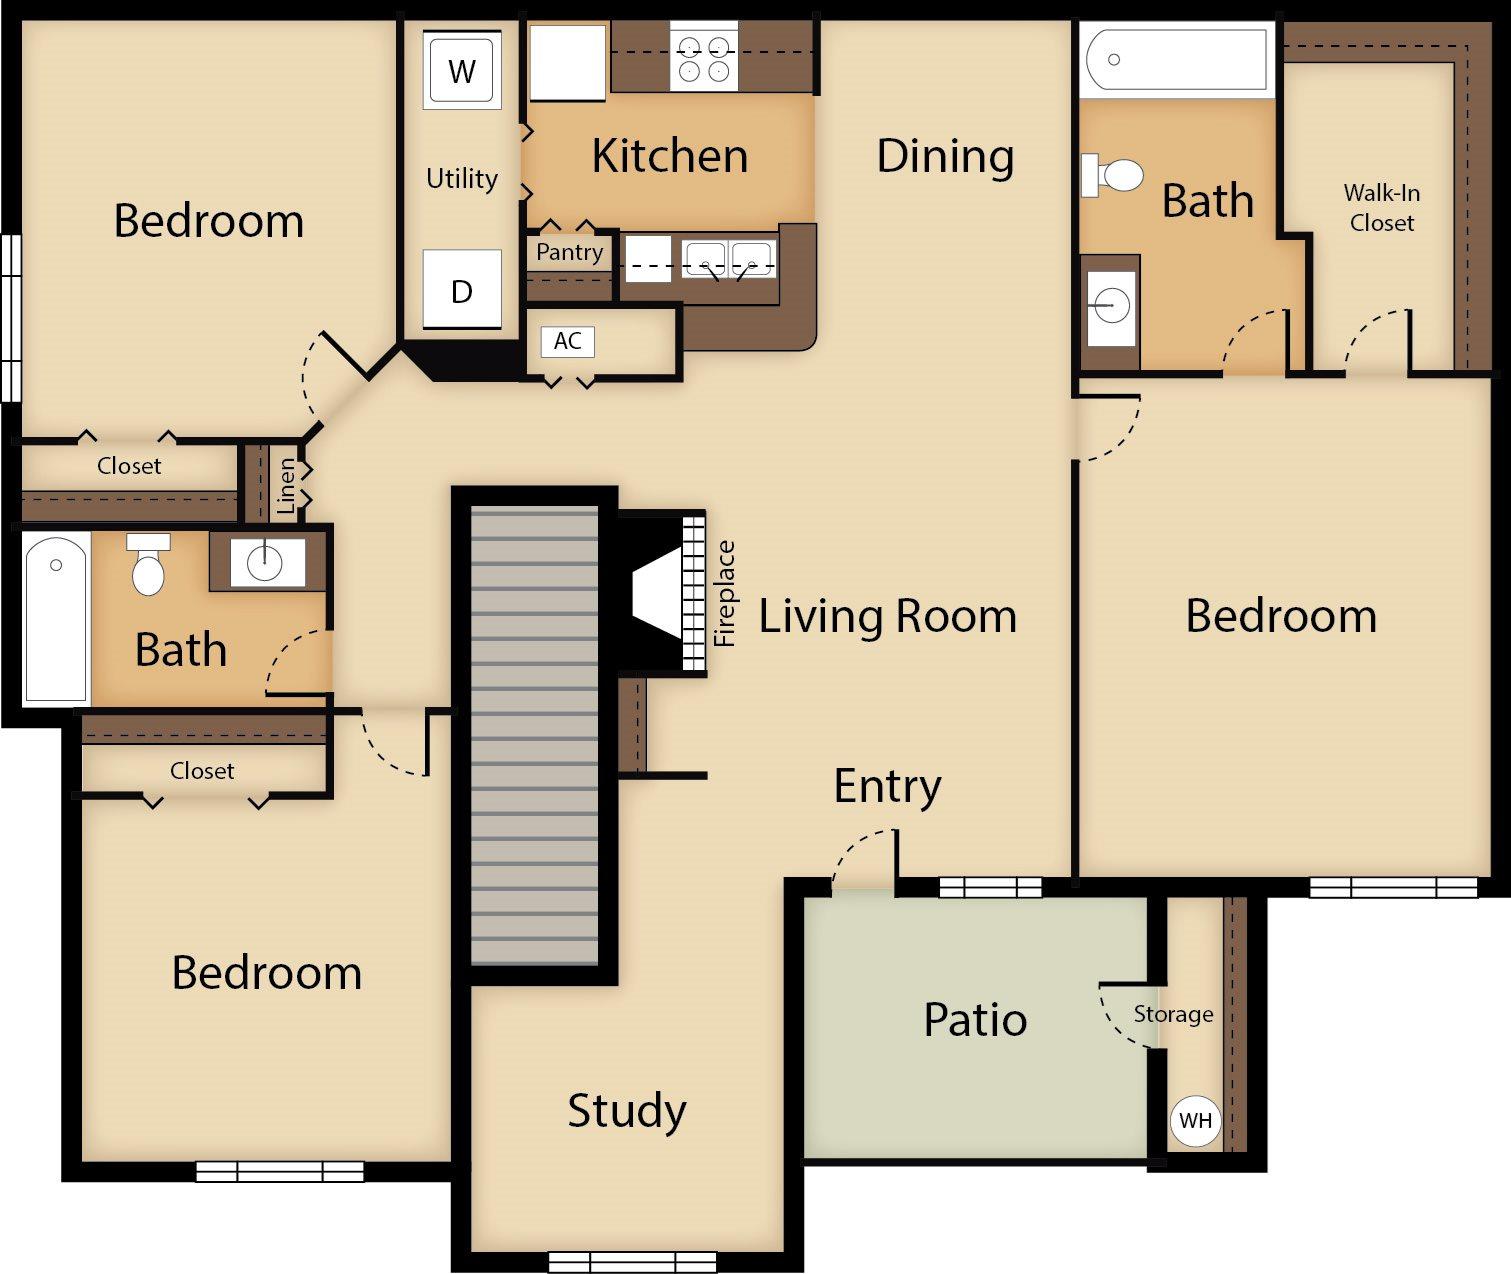 3 Bedroom with Study Floor Plan 6